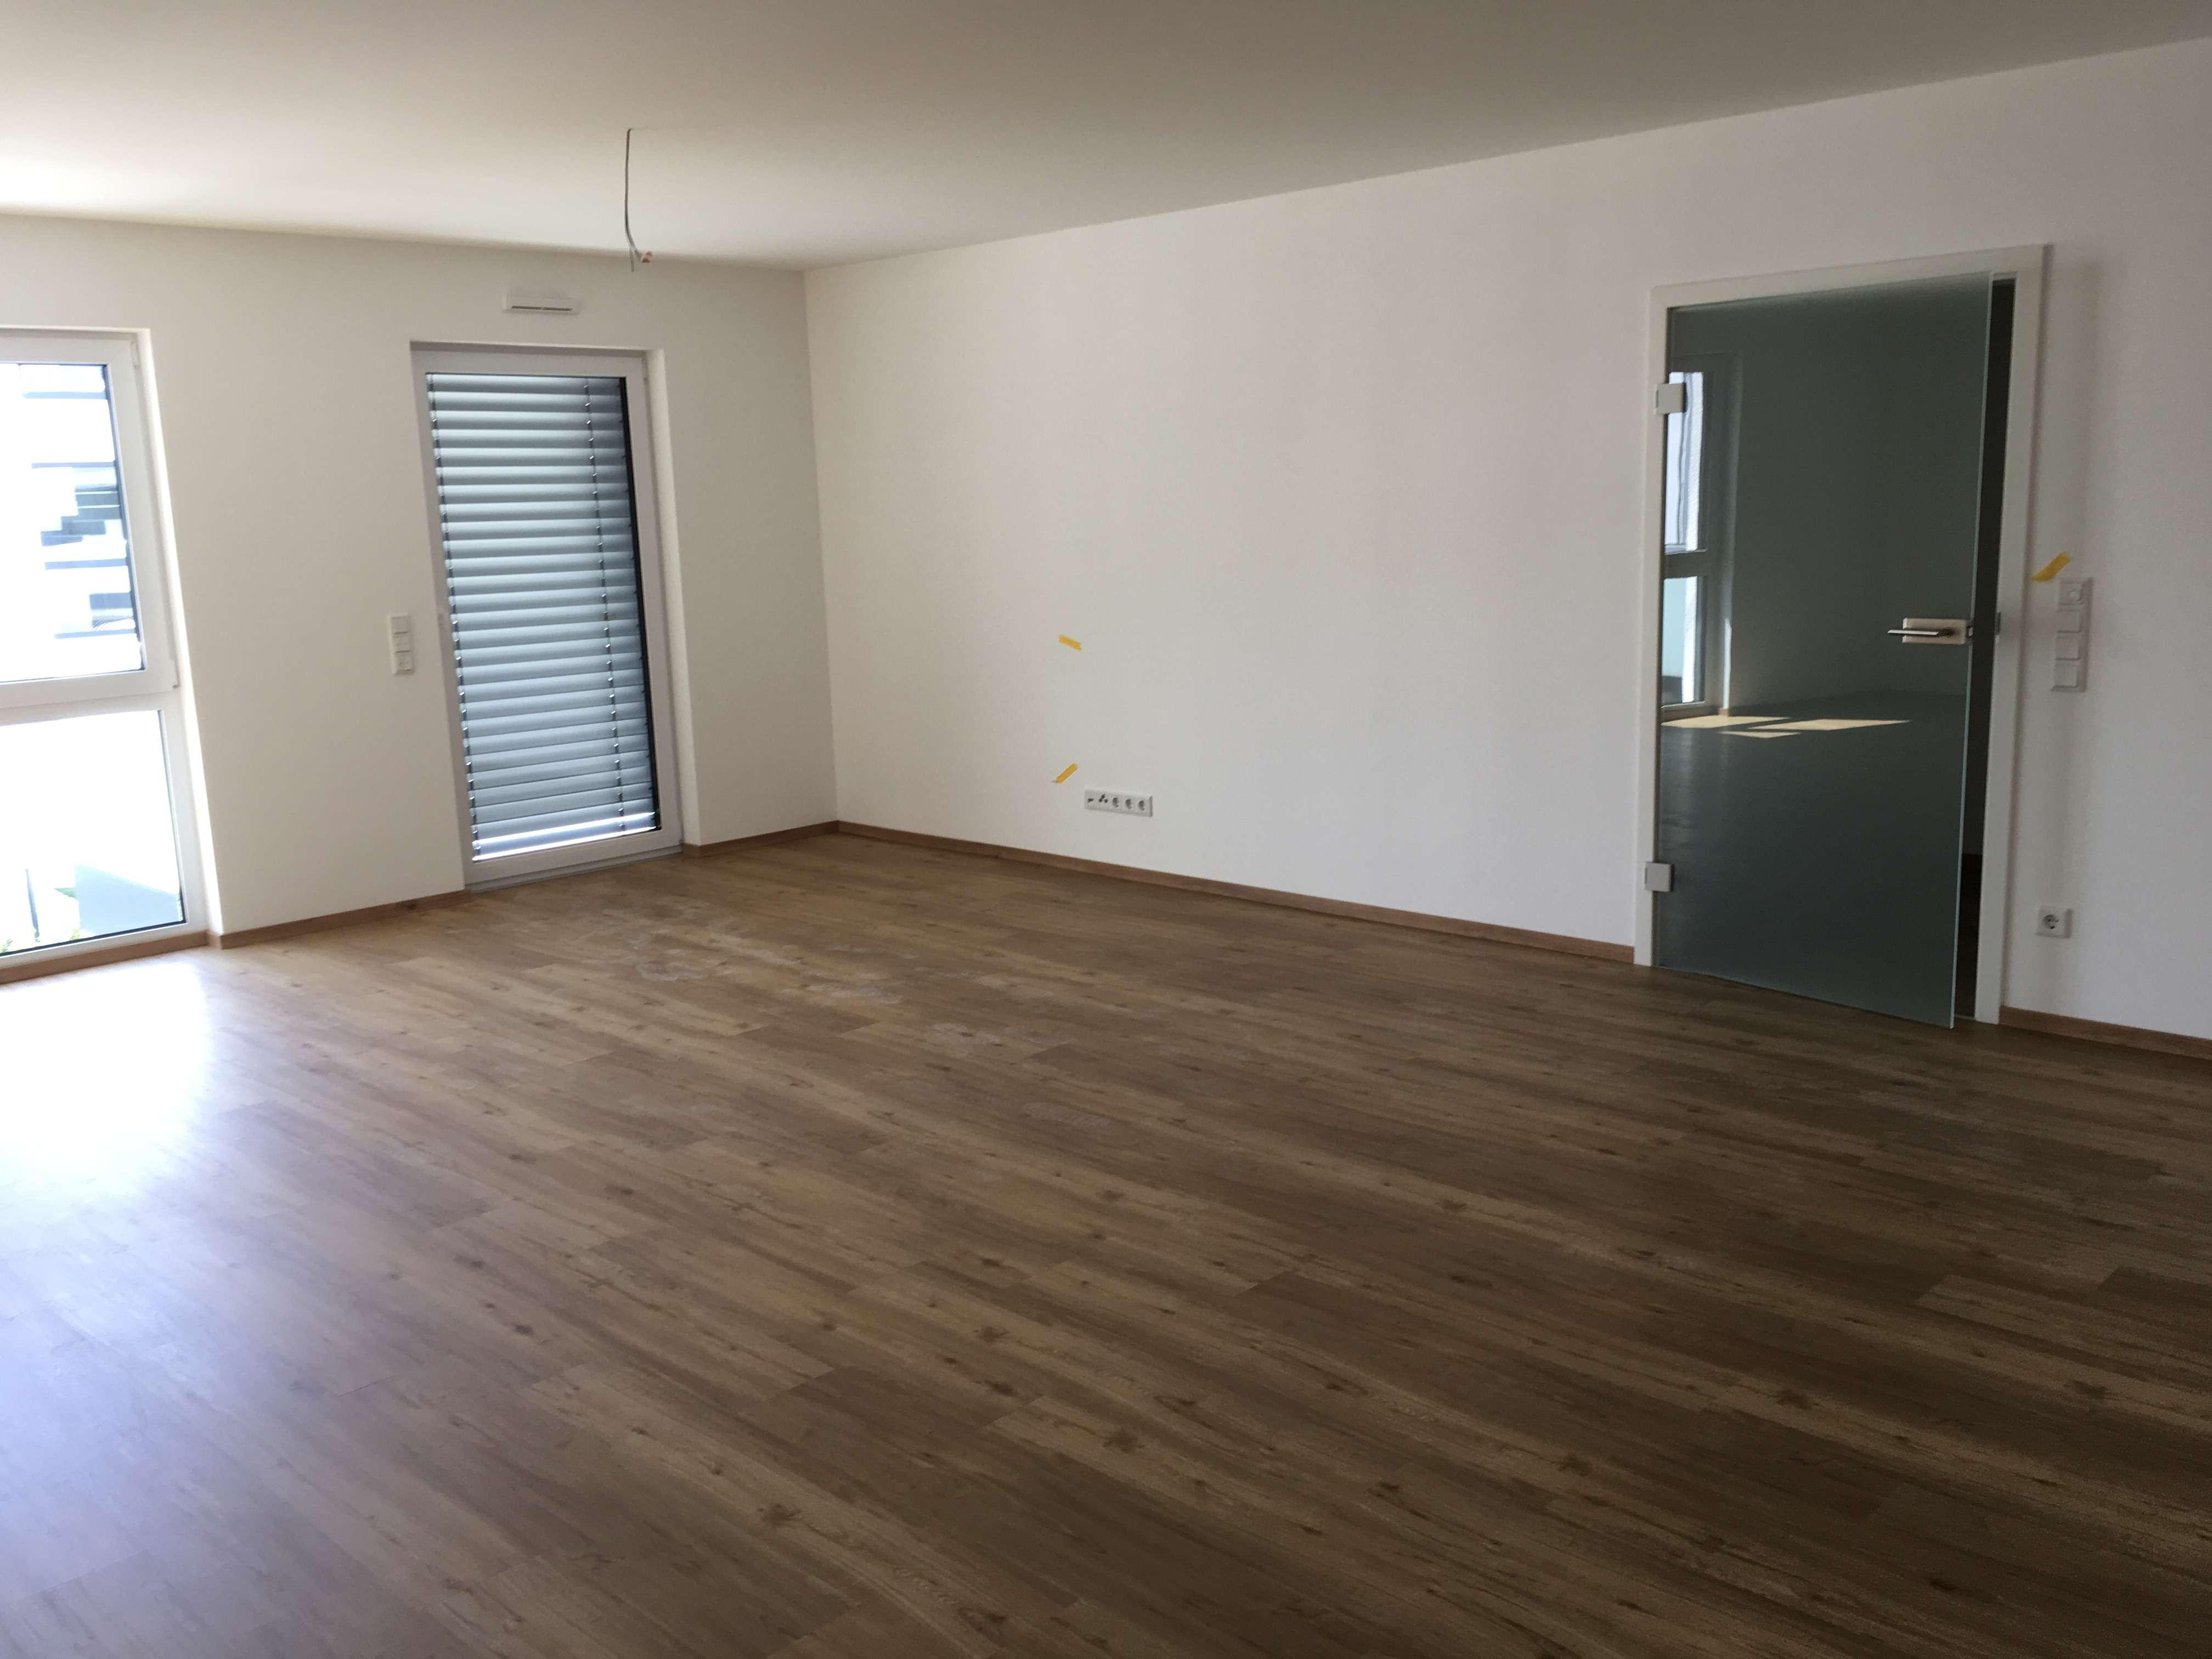 Schöne, geräumige zwei Zimmer Wohnung in Kelheim (Kreis), Abensberg in Abensberg